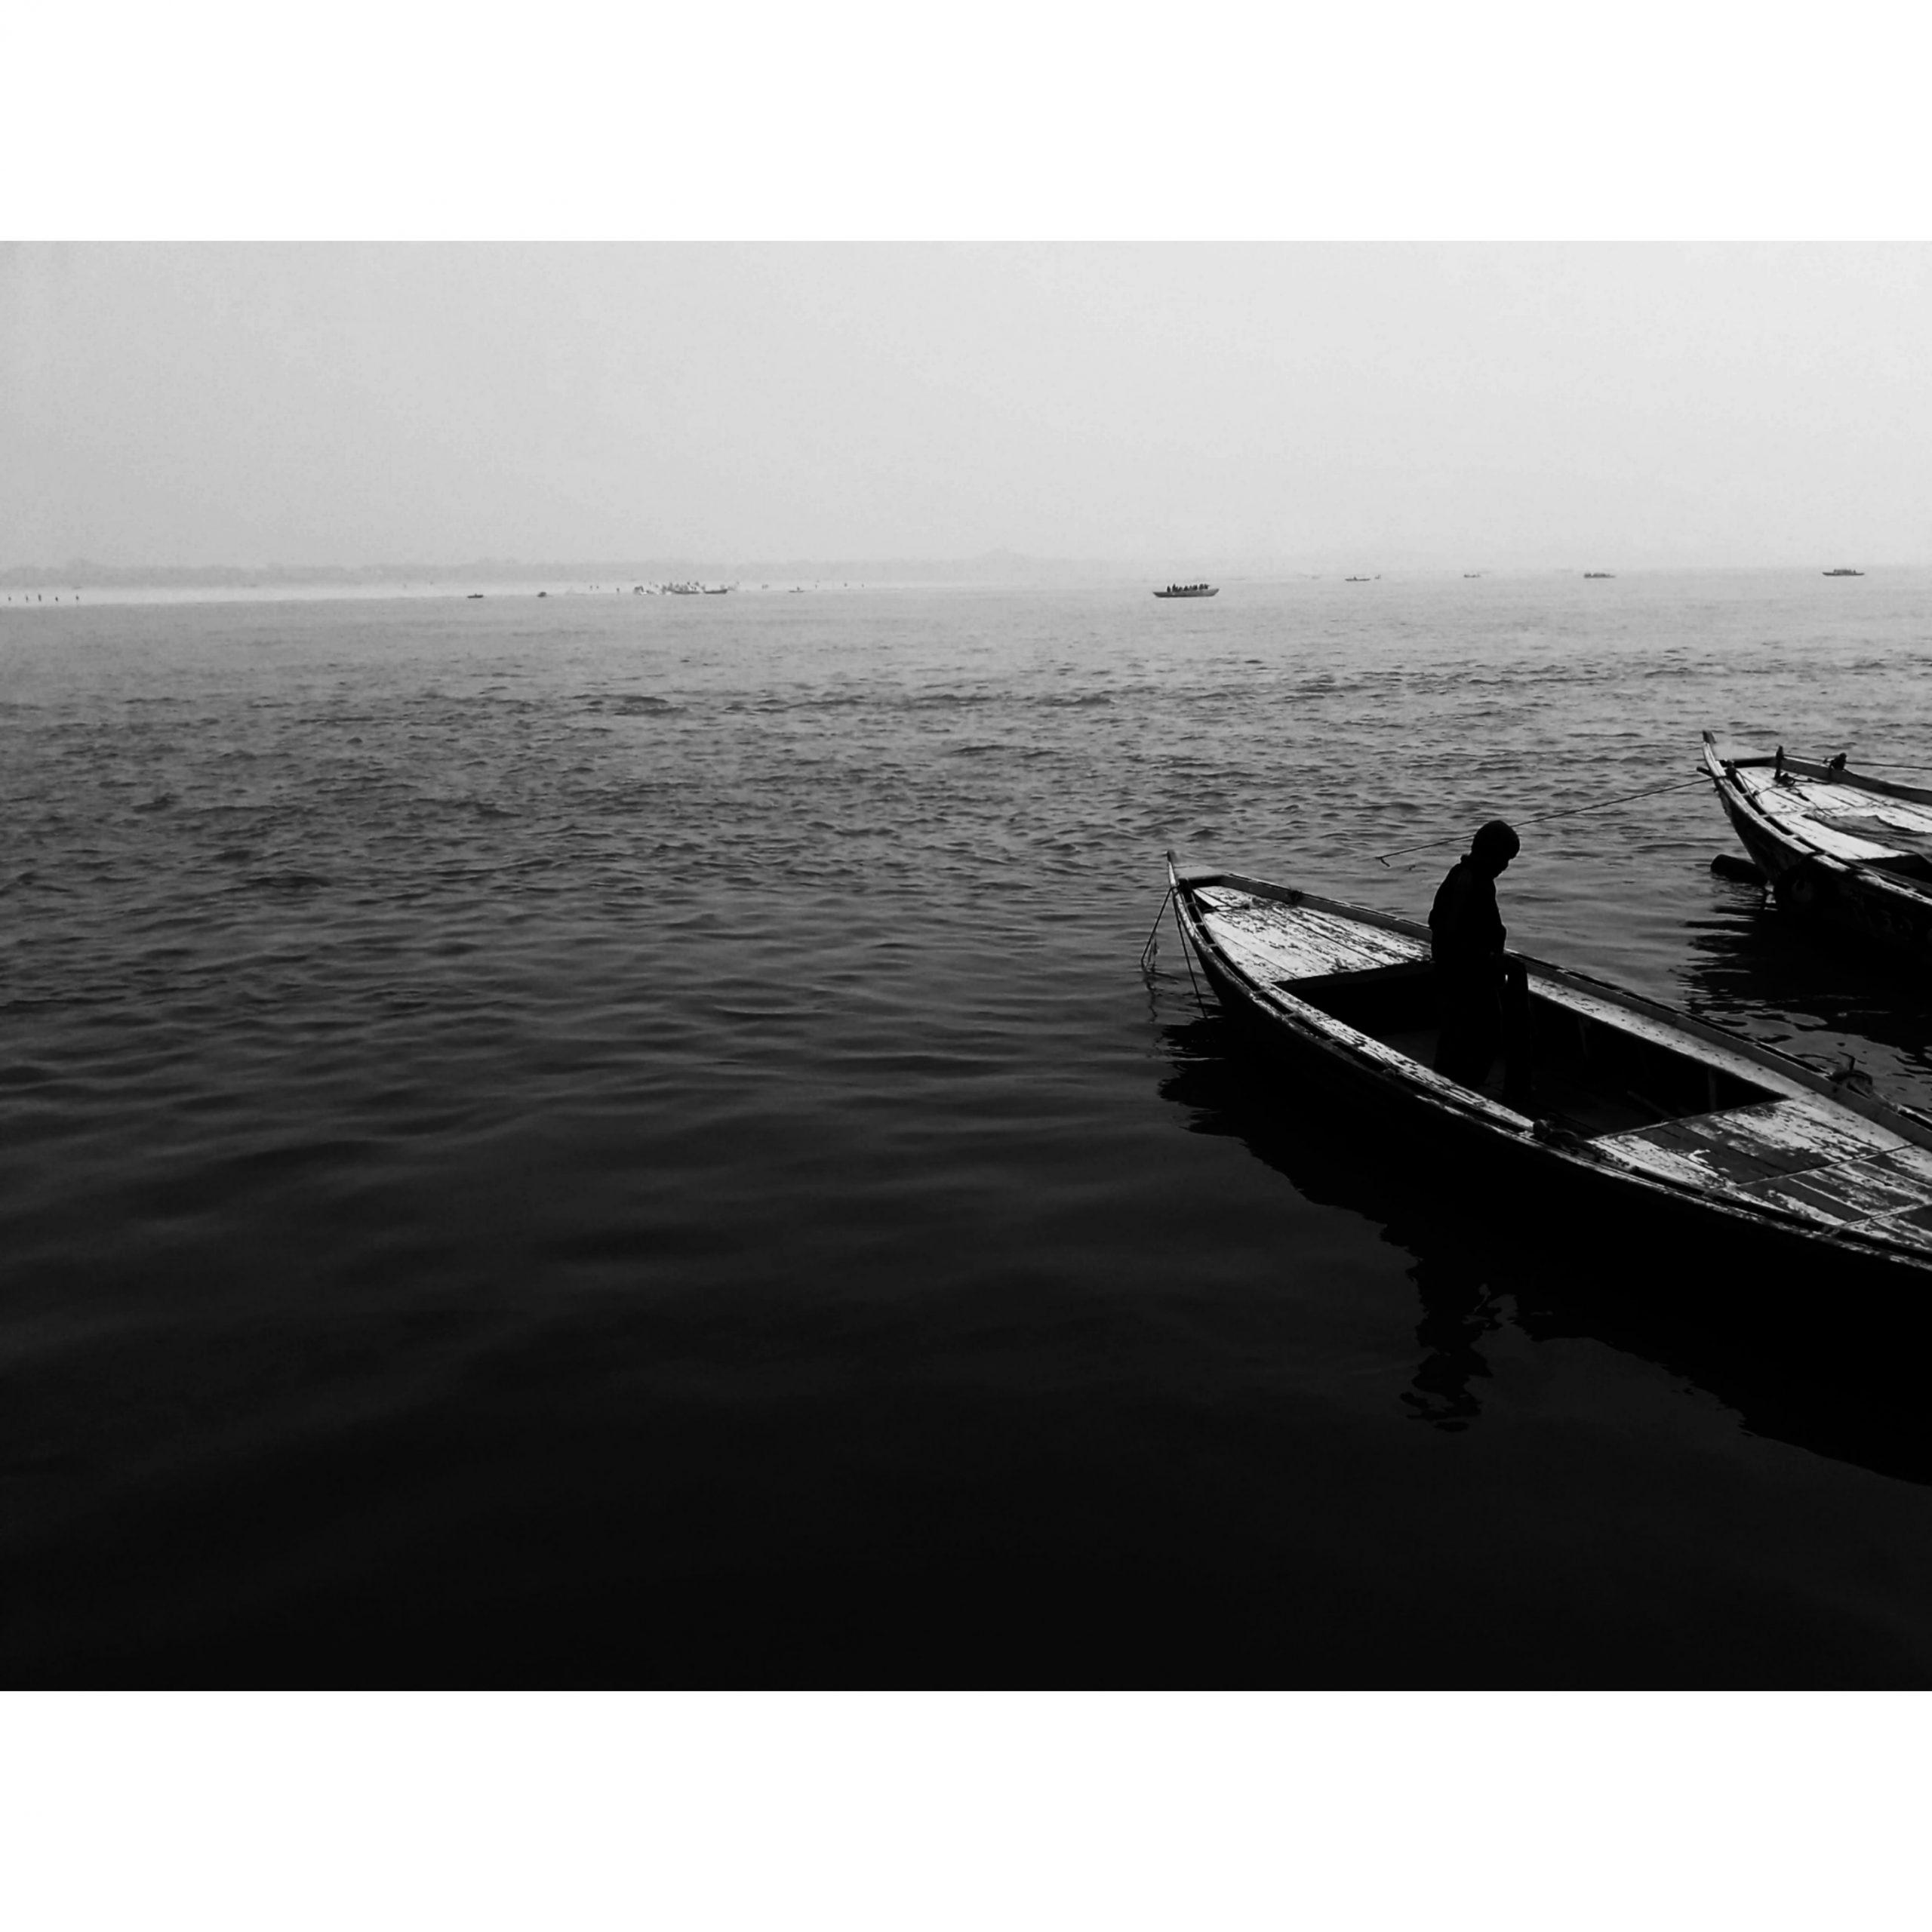 Boats in Gang river Varanasi